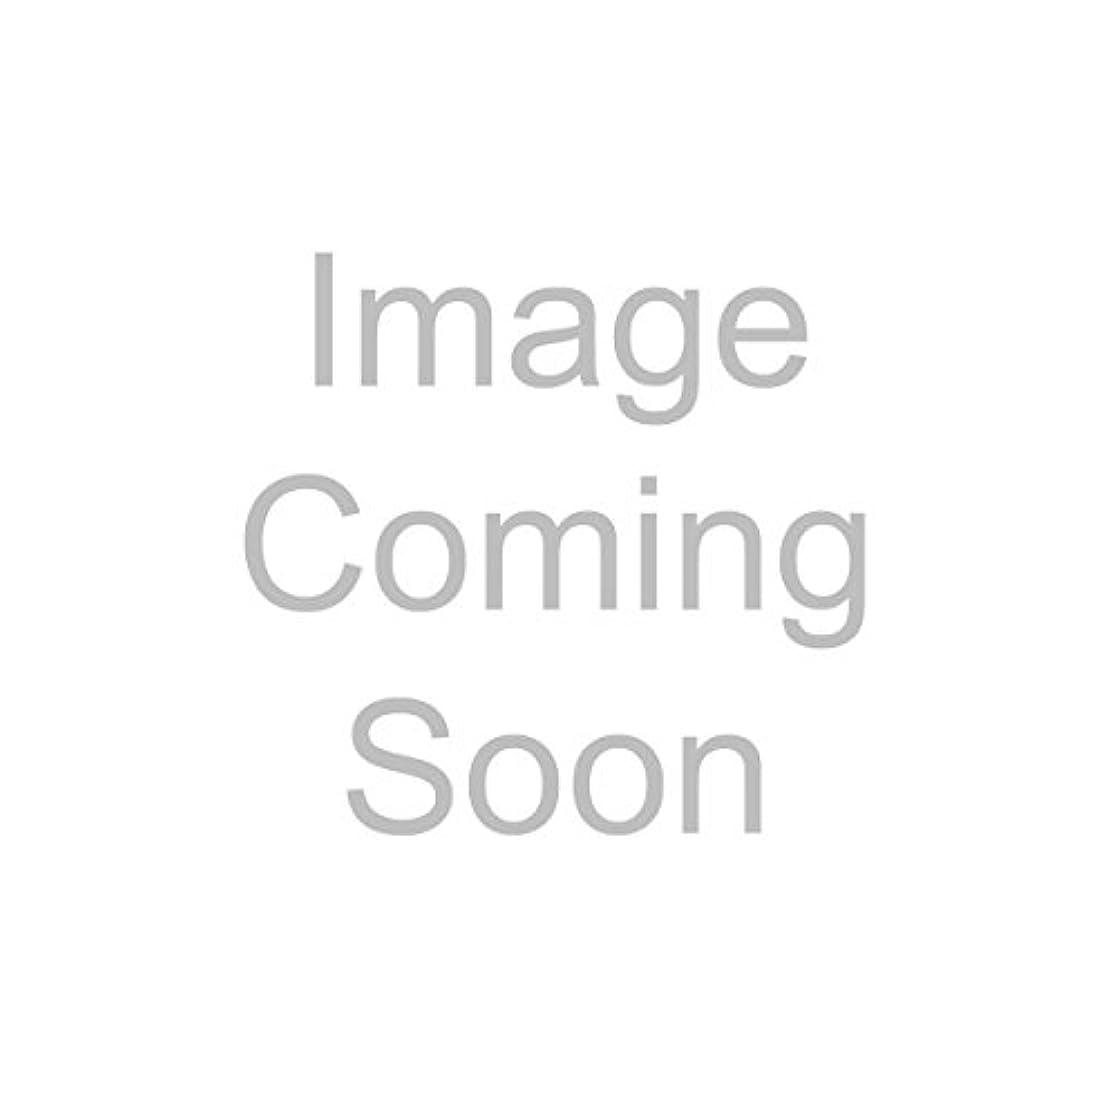 急降下ギャンブル秘密のディプティックキャンドル - マキ 190g/6.5oz